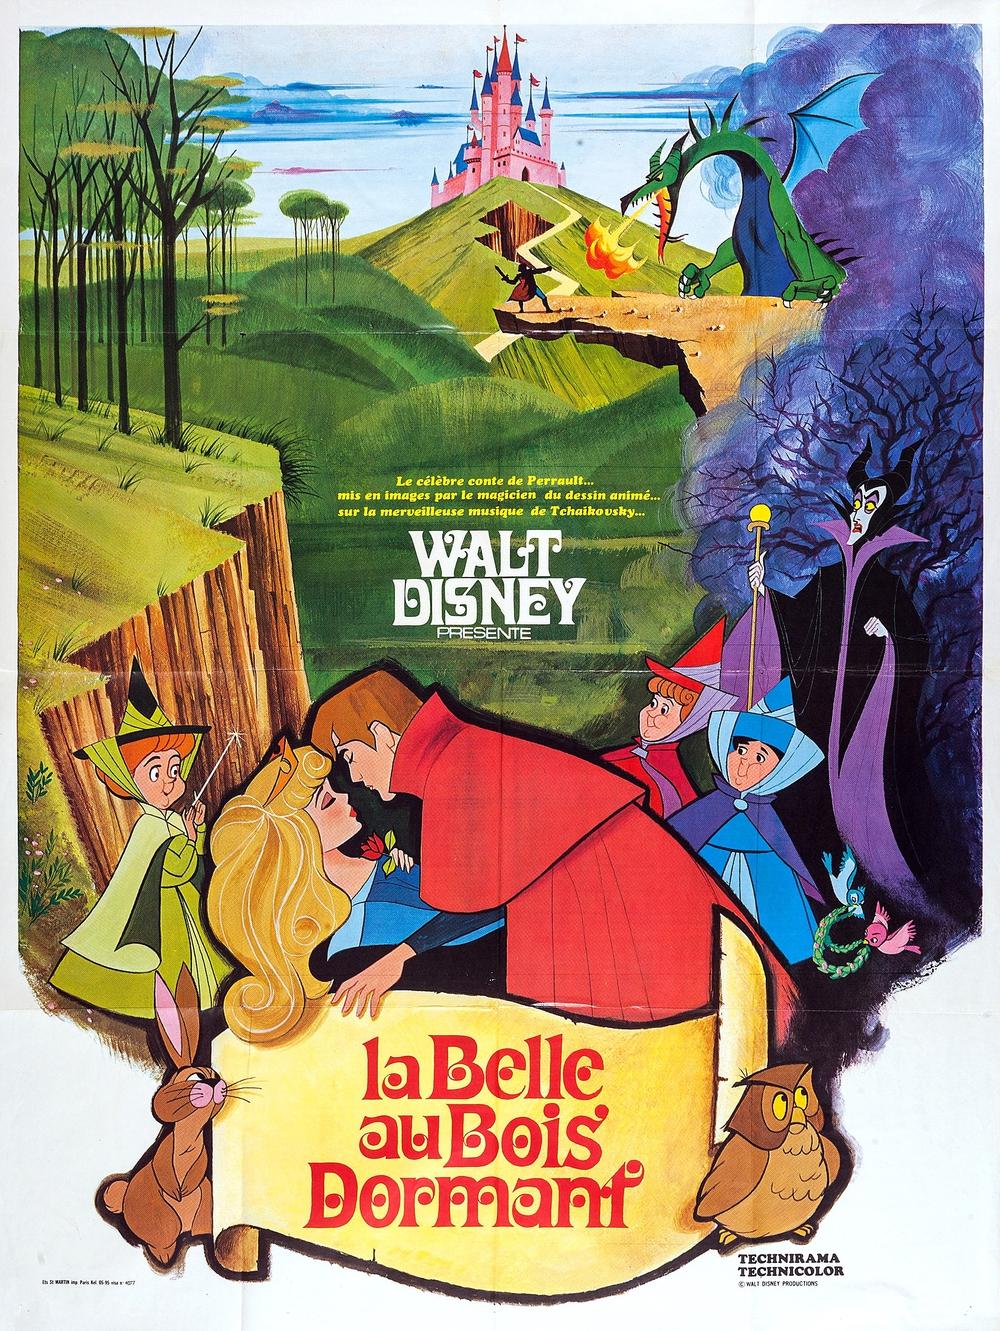 La Belle au Bois Dormant  Wiki Once Upon a Time  Fandom